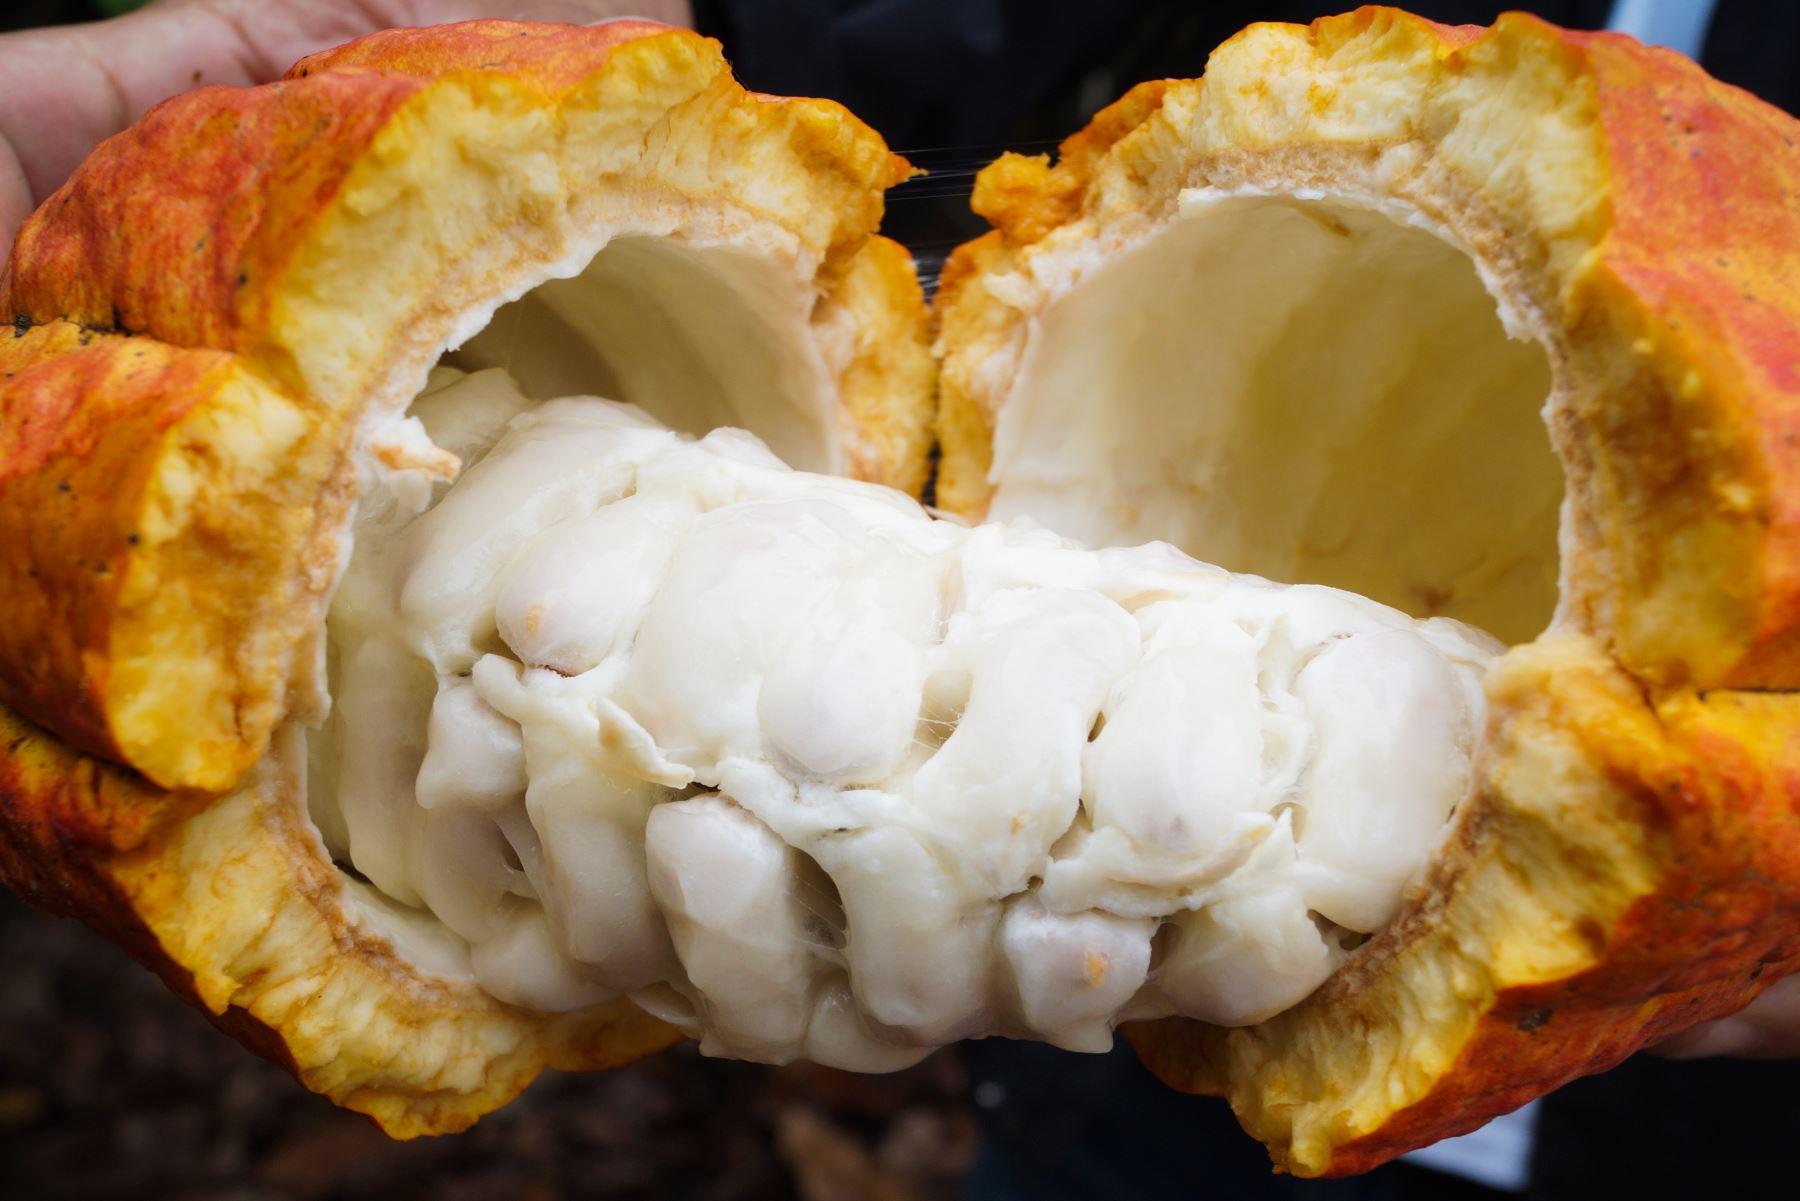 El Perú es actualmente el segundo productor de cacao orgánico en el mundo, cuya calidad es reconocida internacionalmente. Y también es uno de los pocos países donde se cultiva cacao blanco, siendo la región Piura el epicentro donde se siembra y cosecha esta variedad de cacao considerada la mejor del planeta. ANDINA/Difusión